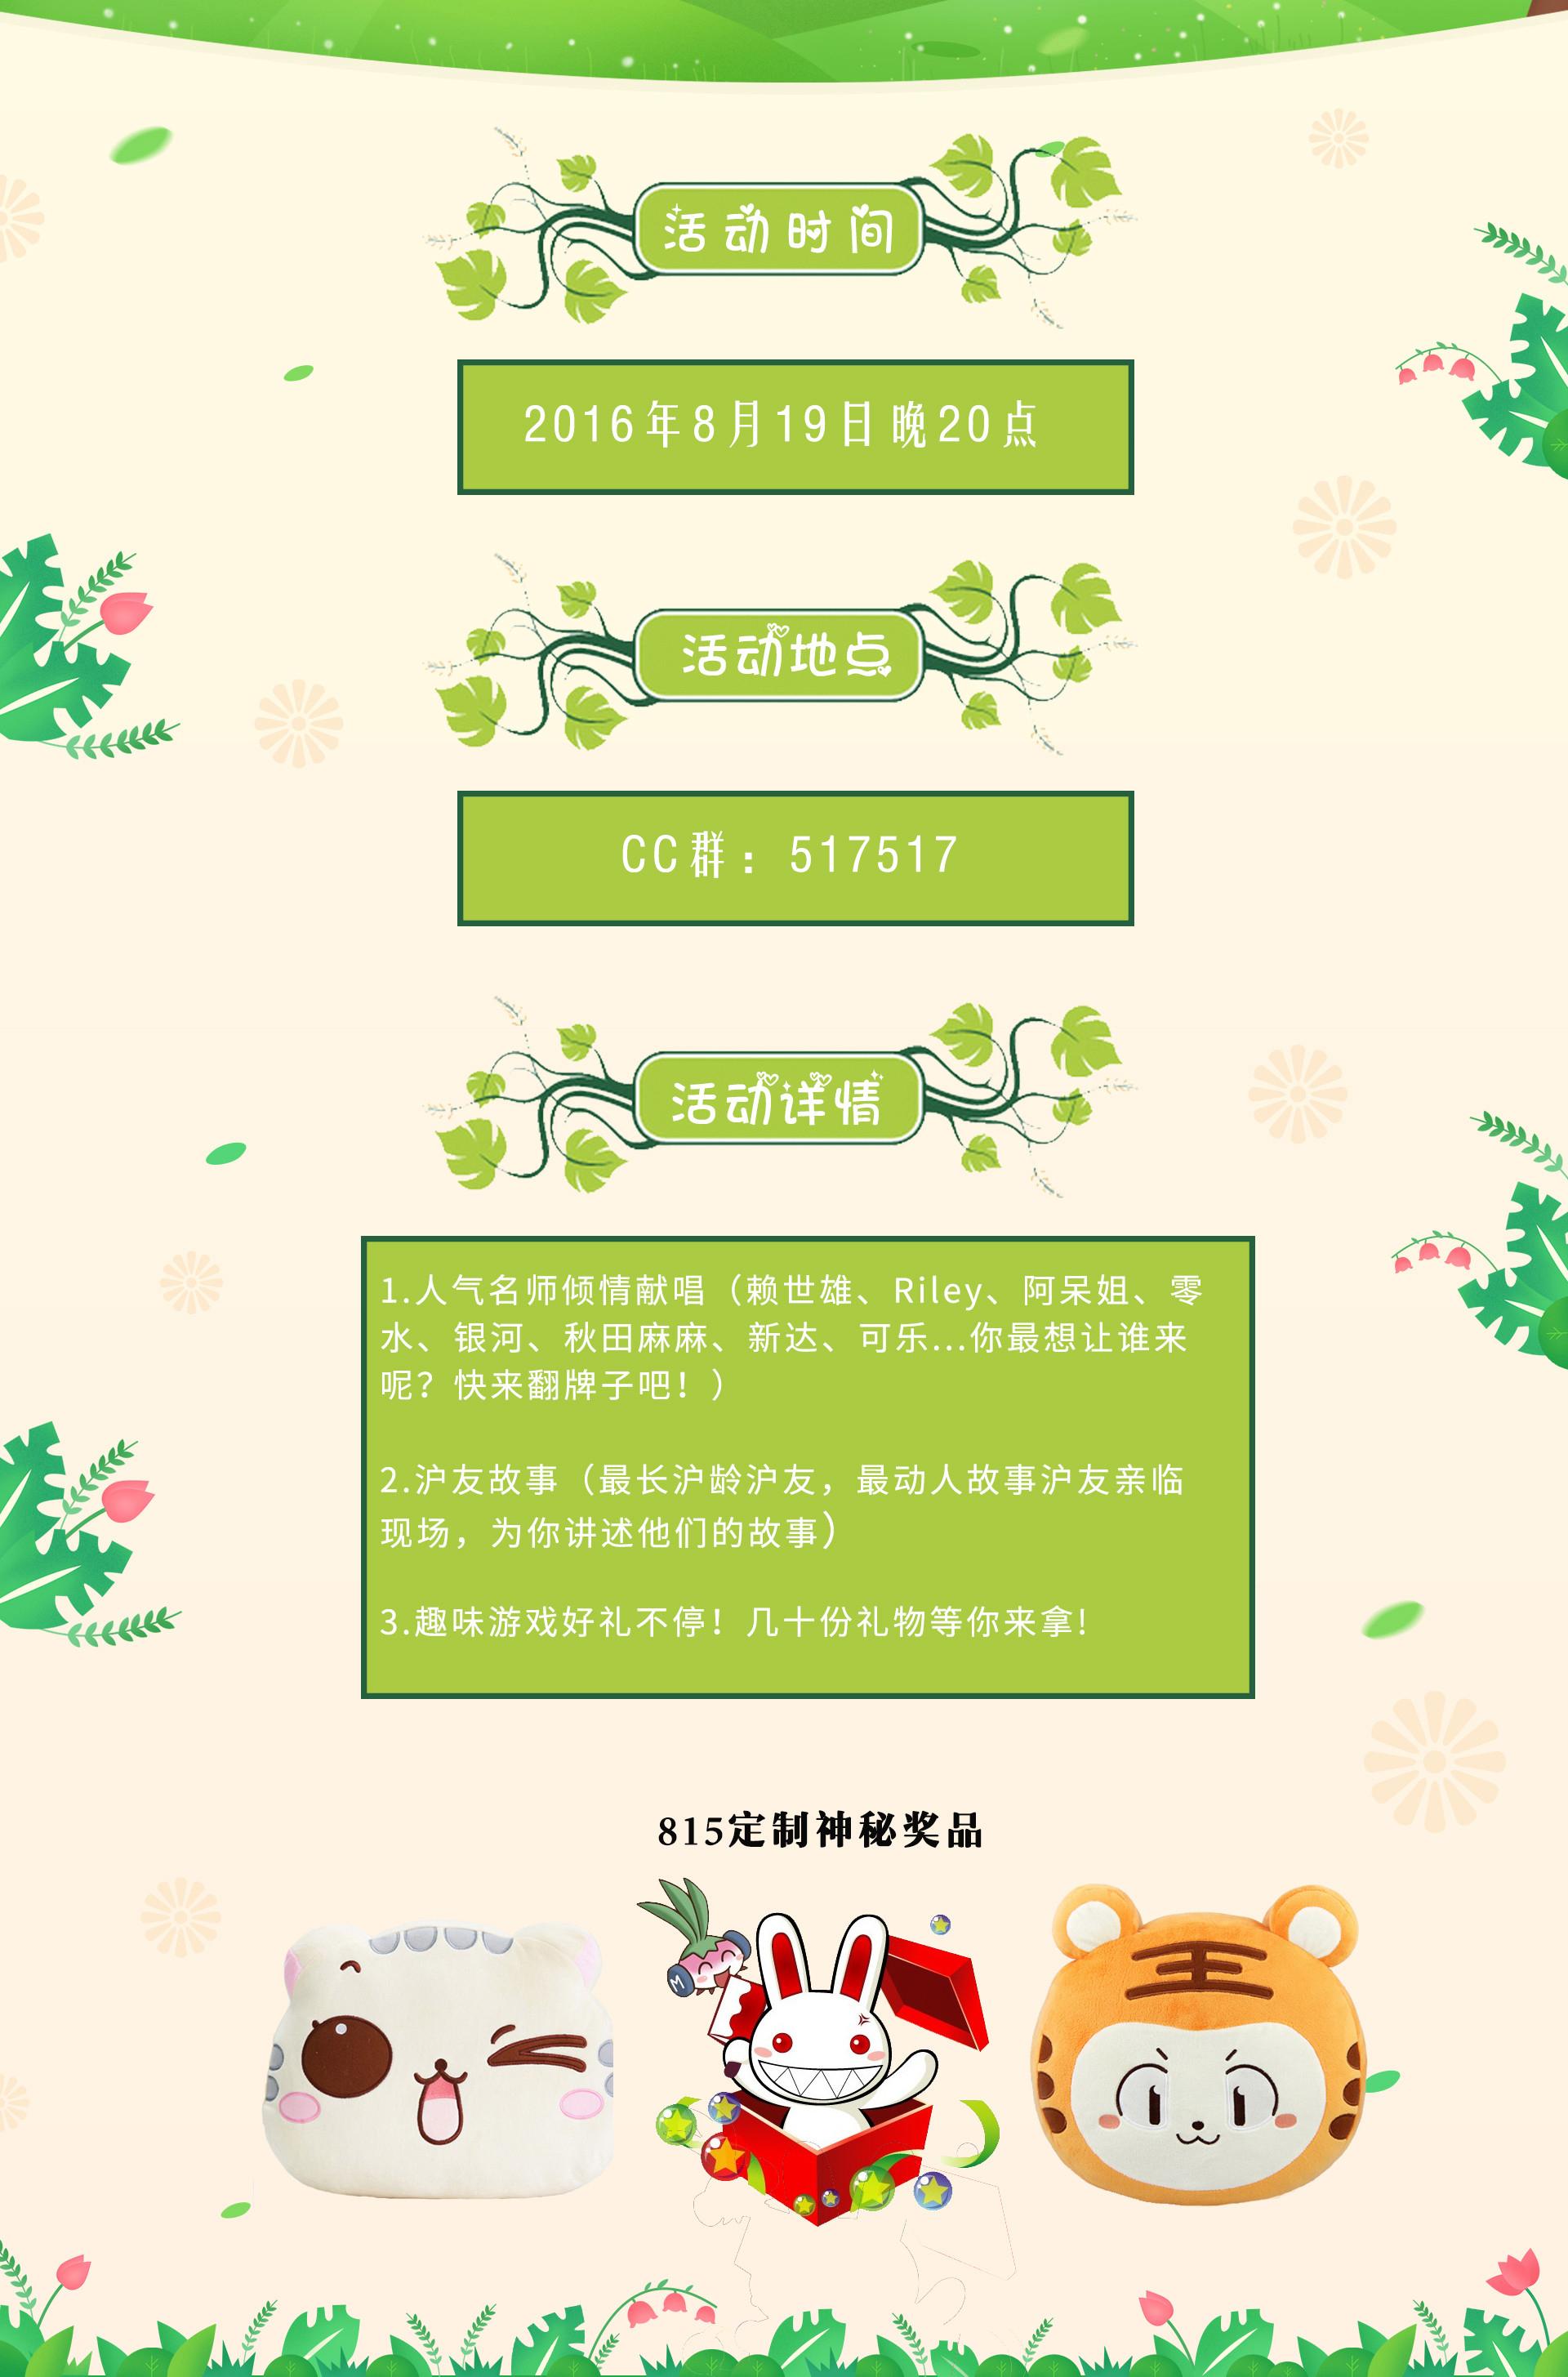 【感恩直播已完结】沪江15周年感恩晚会